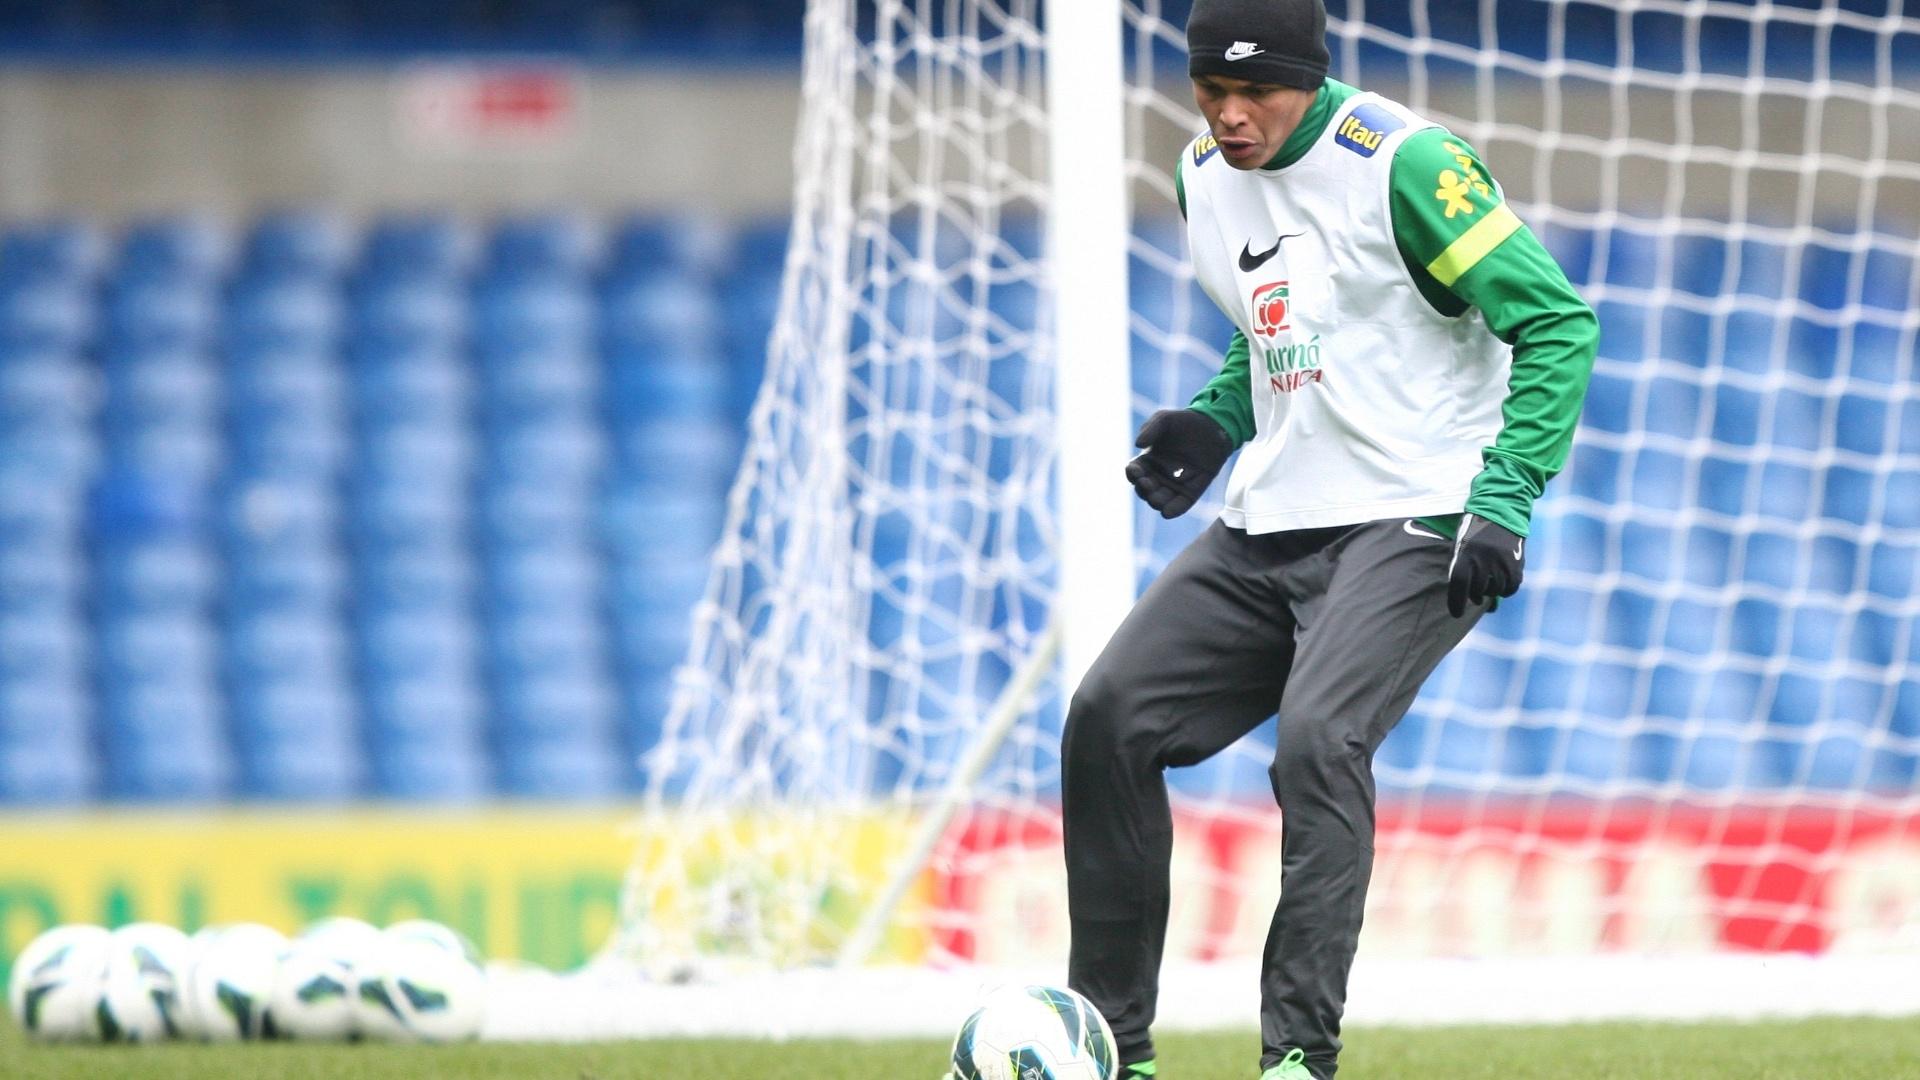 24.mar.2013 - Thiago Silva, zagueiro do PSG, participa do treino da seleção brasileira, em Londres, neste domingo, para o amistoso contra a Rússia, que acontecerá na segunda-feira